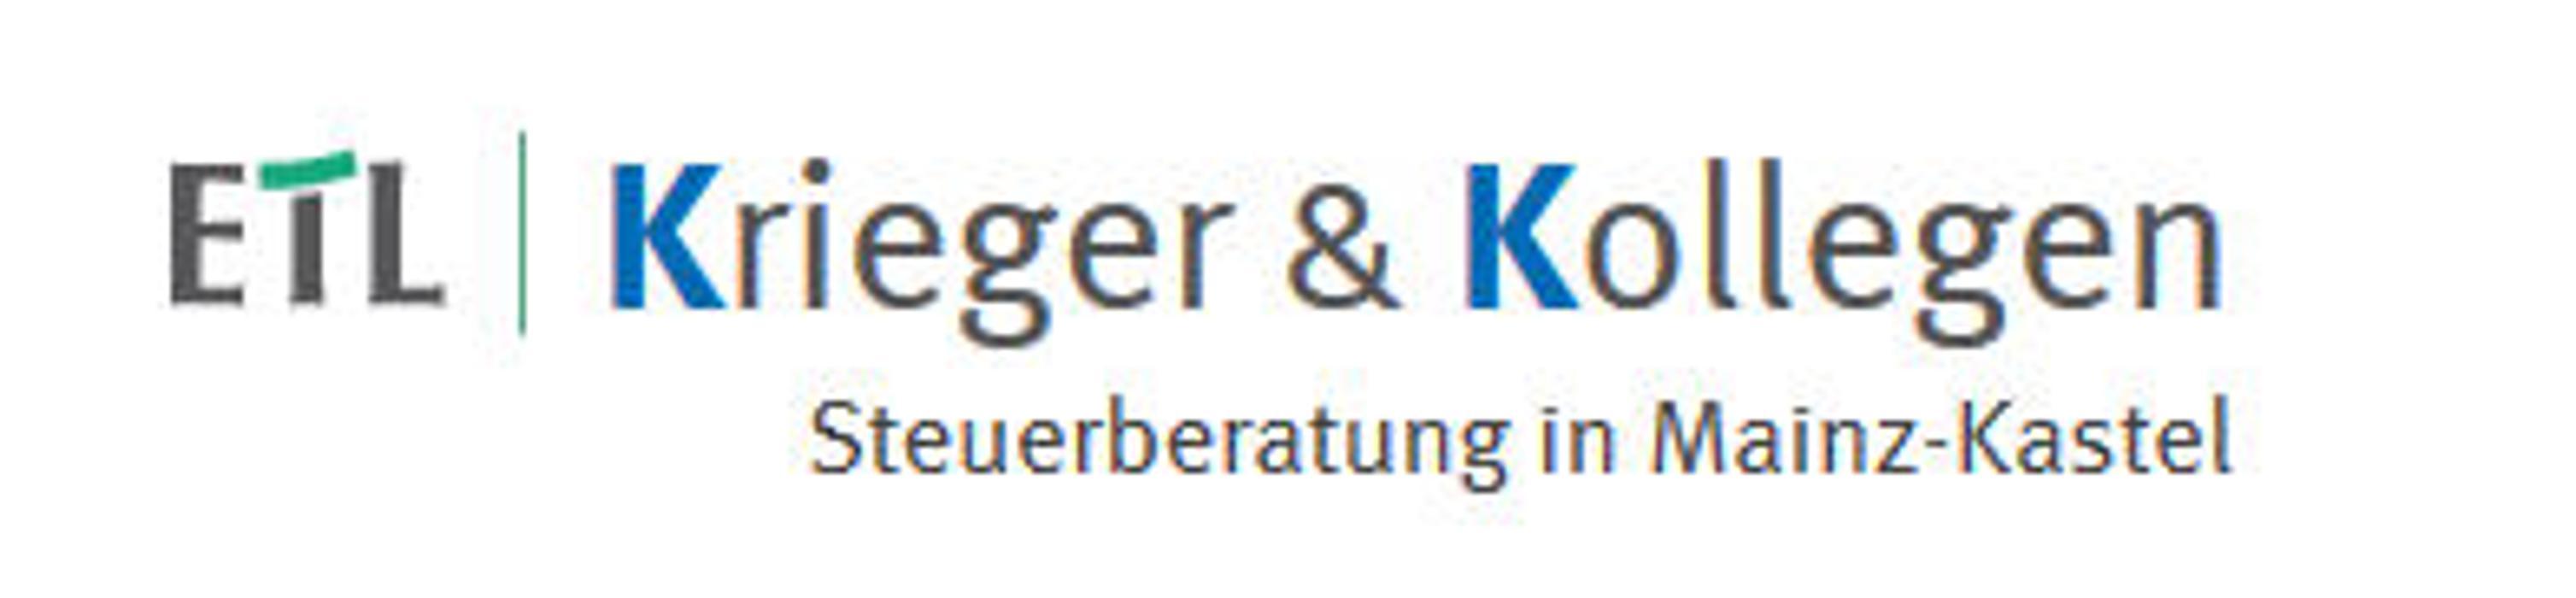 Bild zu ETL Krieger & Kollegen GmbH in Mainz-Kastel Stadt Wiesbaden